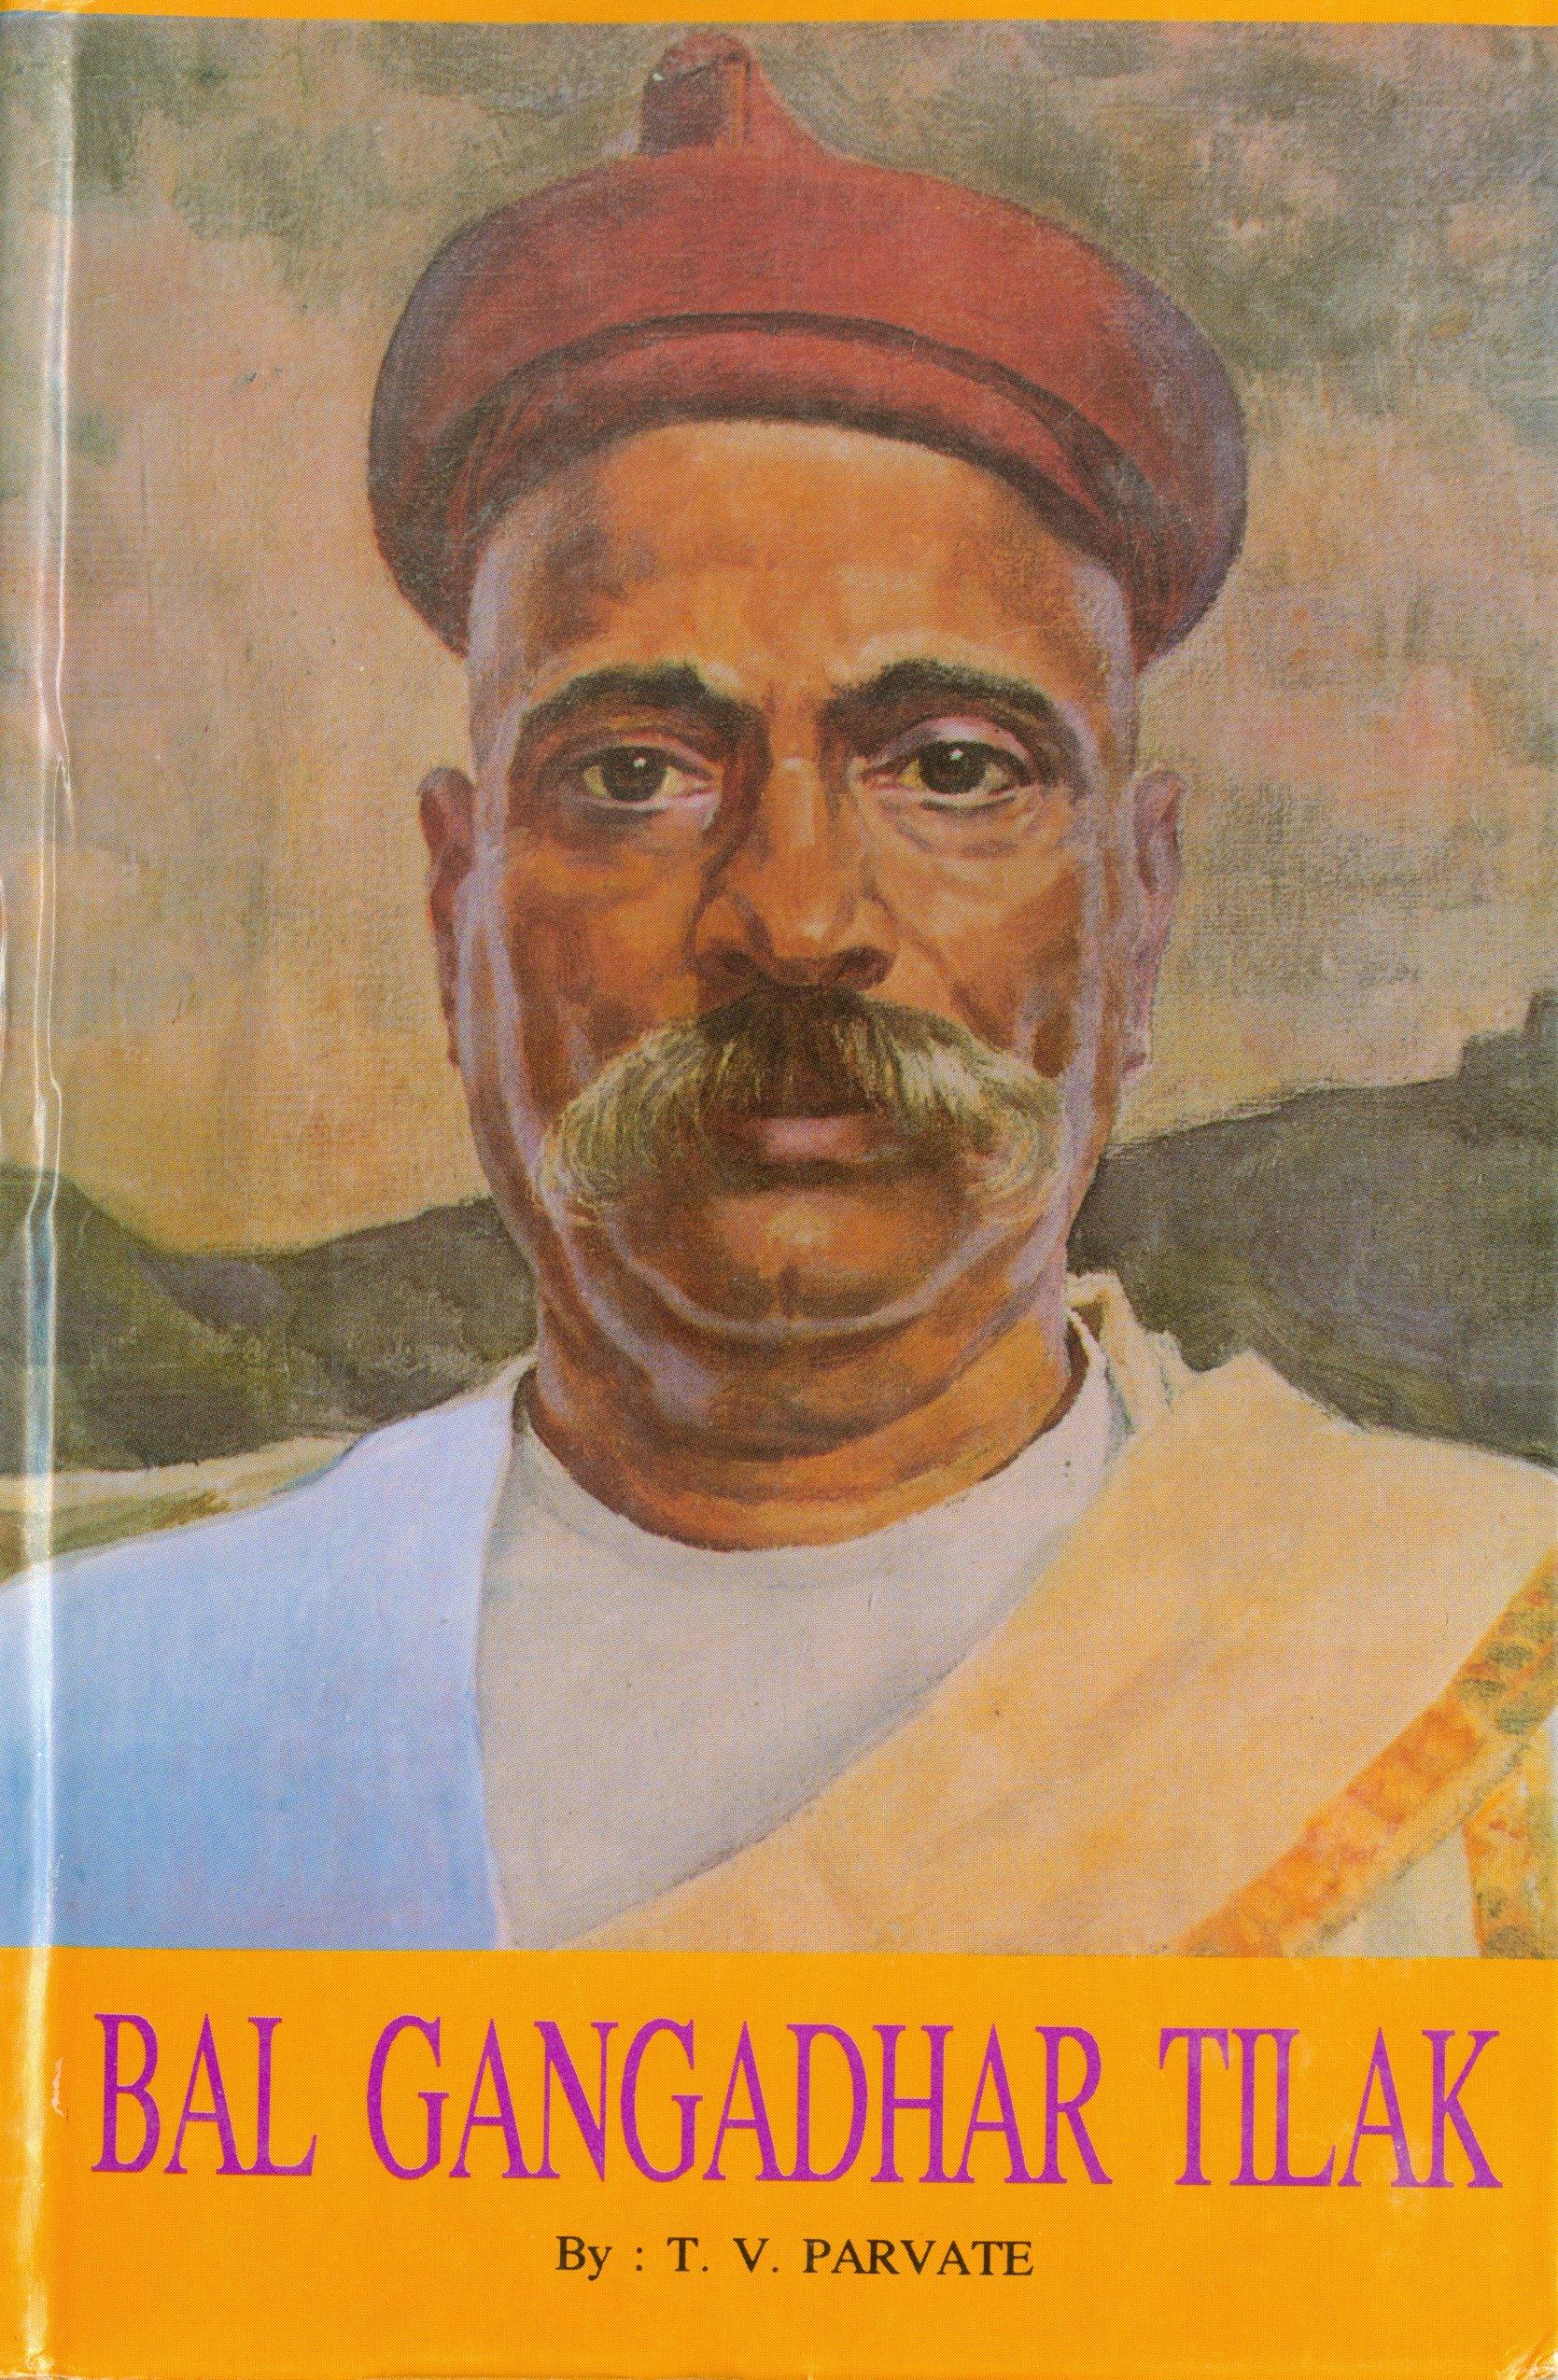 life and work of bal gangadhar tilak